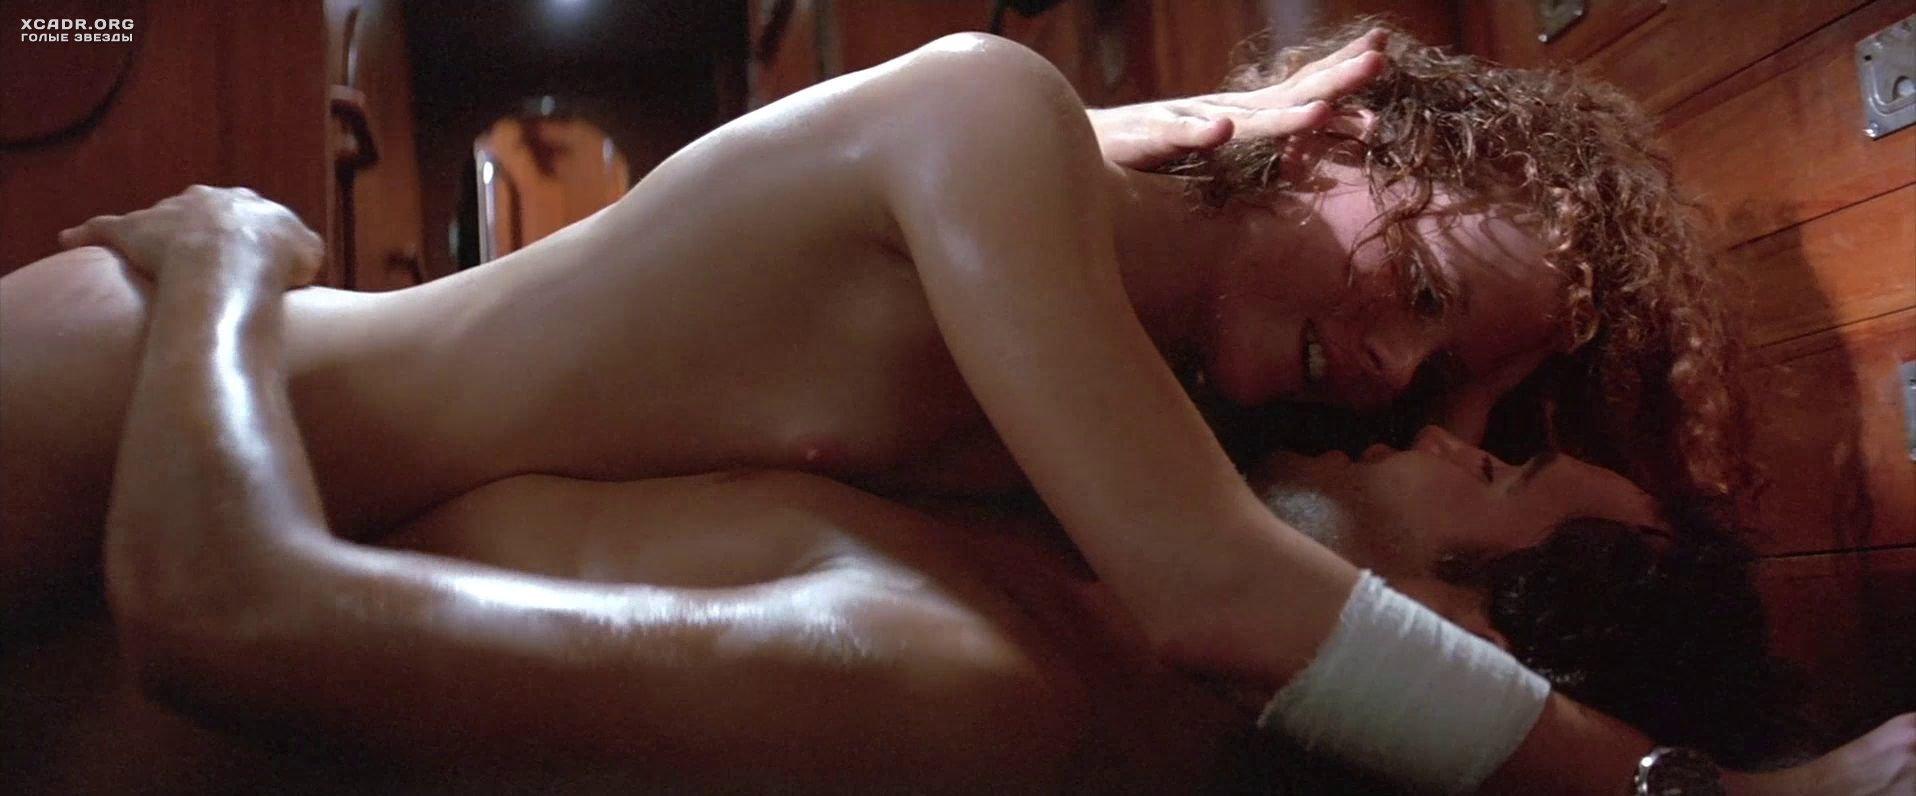 Фильм откровенное эротическое